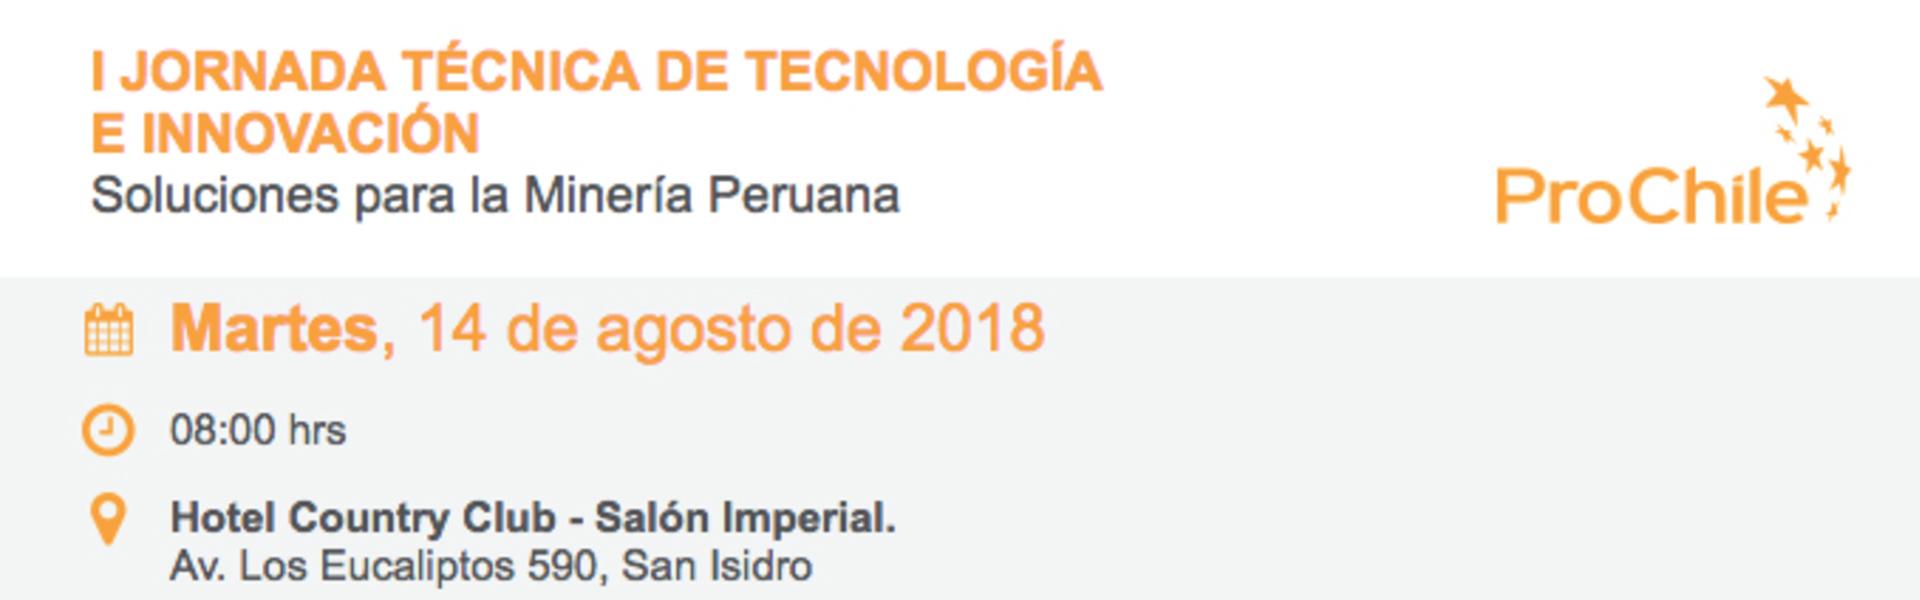 """SK Godelius participará del evento """"I jornada técnica de tecnología e innovación: Soluciones para Minería Peruana"""""""